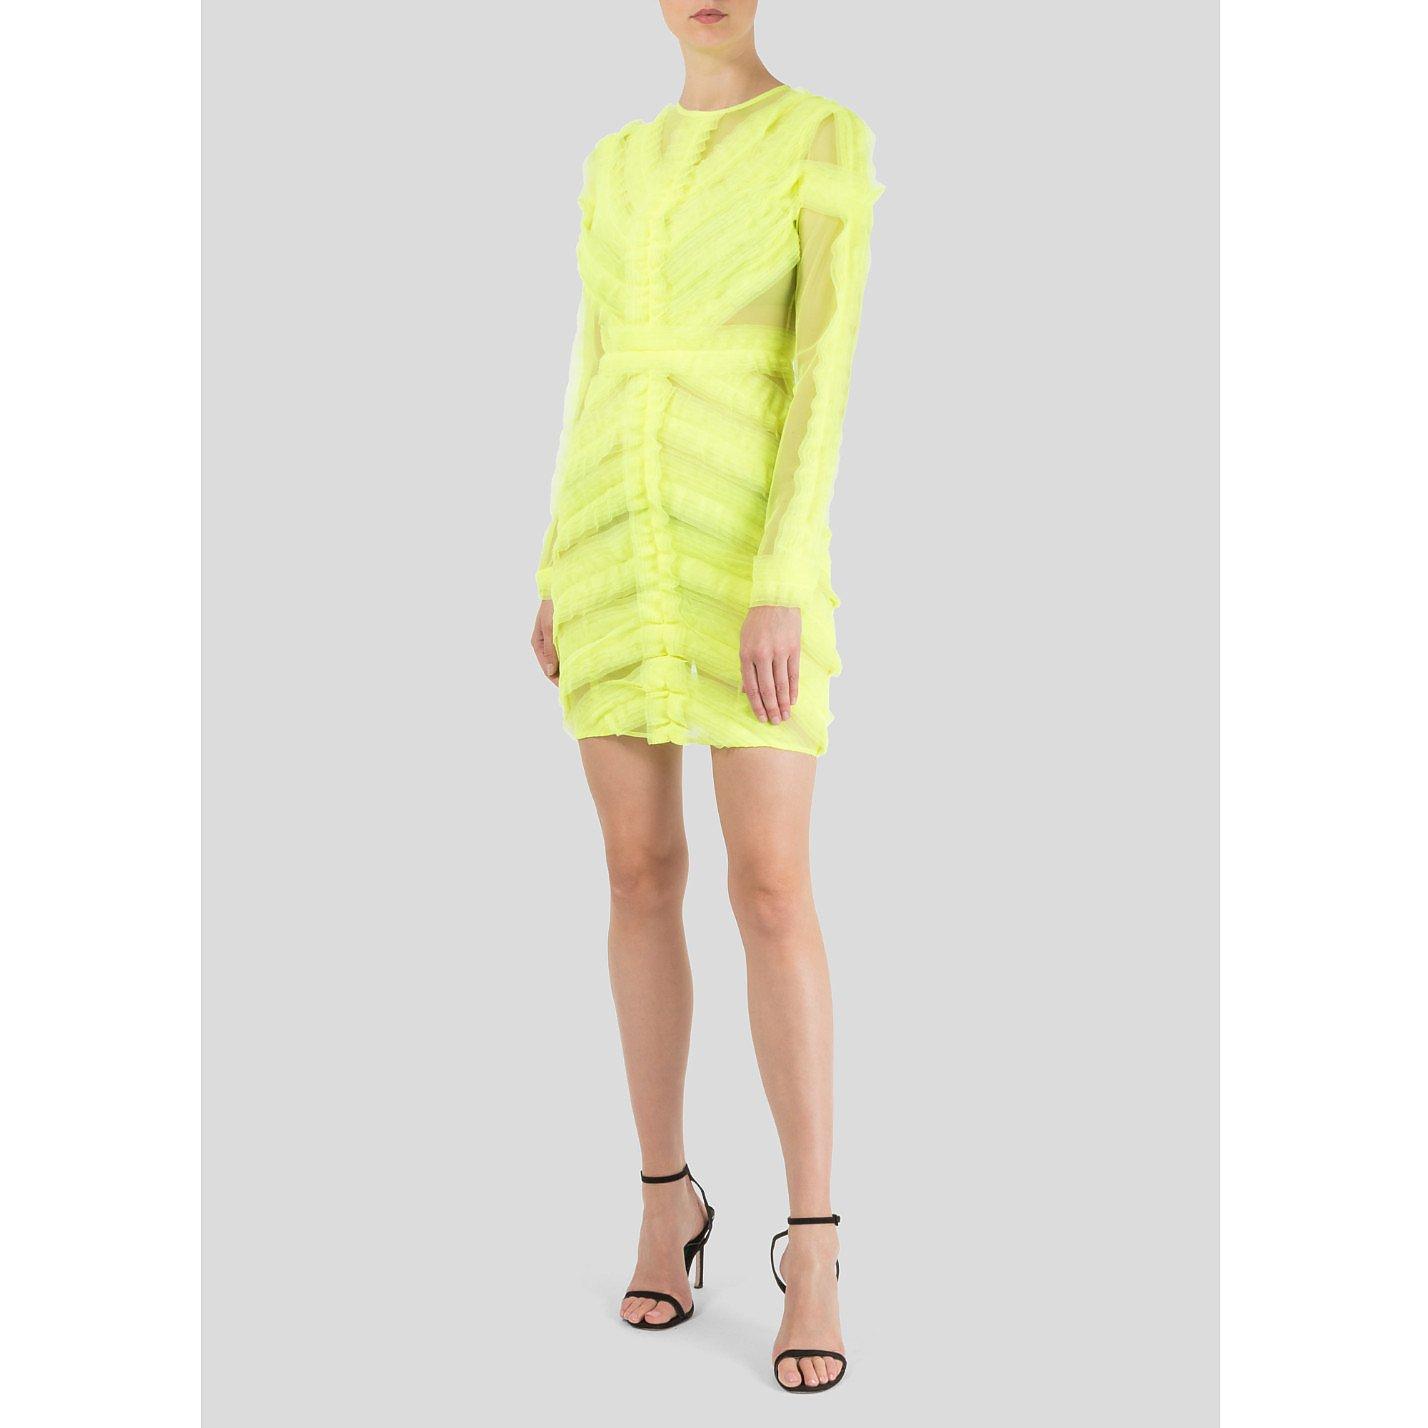 Starsica Neon Mesh Dress